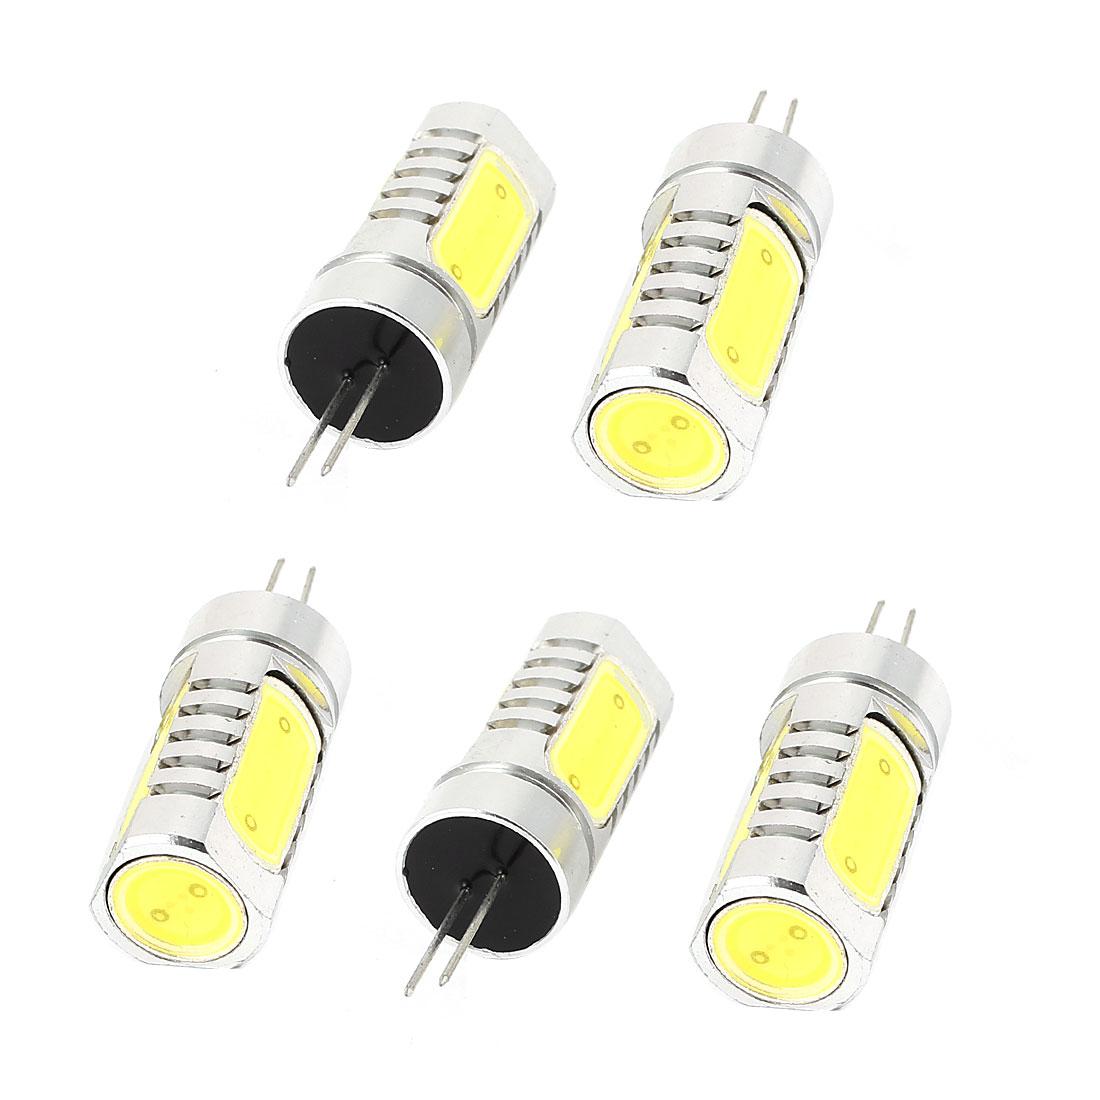 5 Pcs Energy Saving G4 6D 6W 4 LED Bulb Lamp Light White